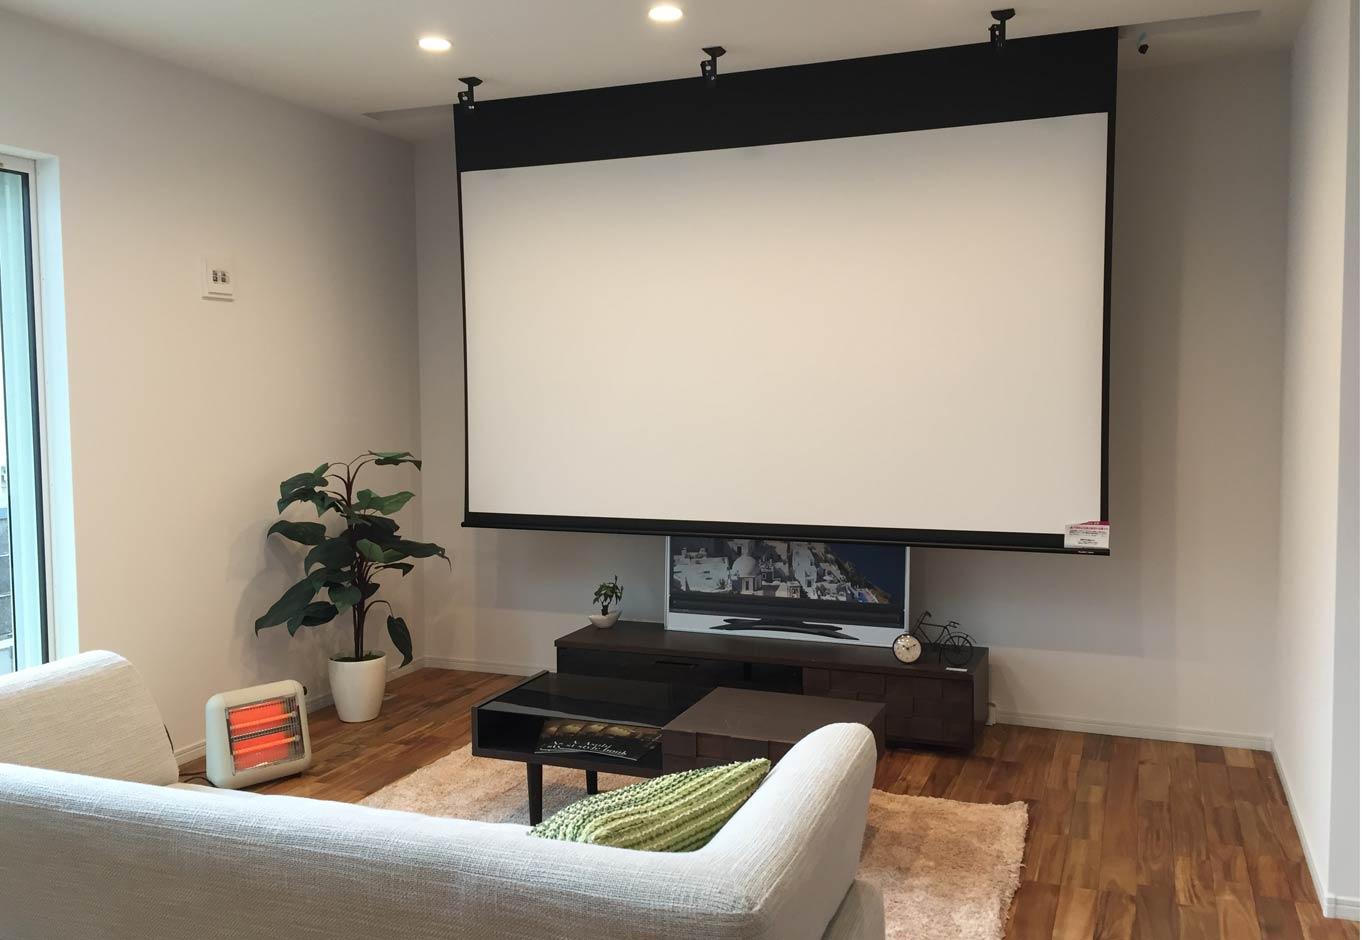 Asobi-創家(アソビスミカ)/ナカジツ【趣味、省エネ、間取り】「自宅のリビングで、映画館のような大きなスクリーンと大音響でDVDを楽しみたい!」というご主人の夢を叶えた100インチのホームシアター。新築に合わせてプロジェクター、スクリーン、そしてスピーカーも購入した